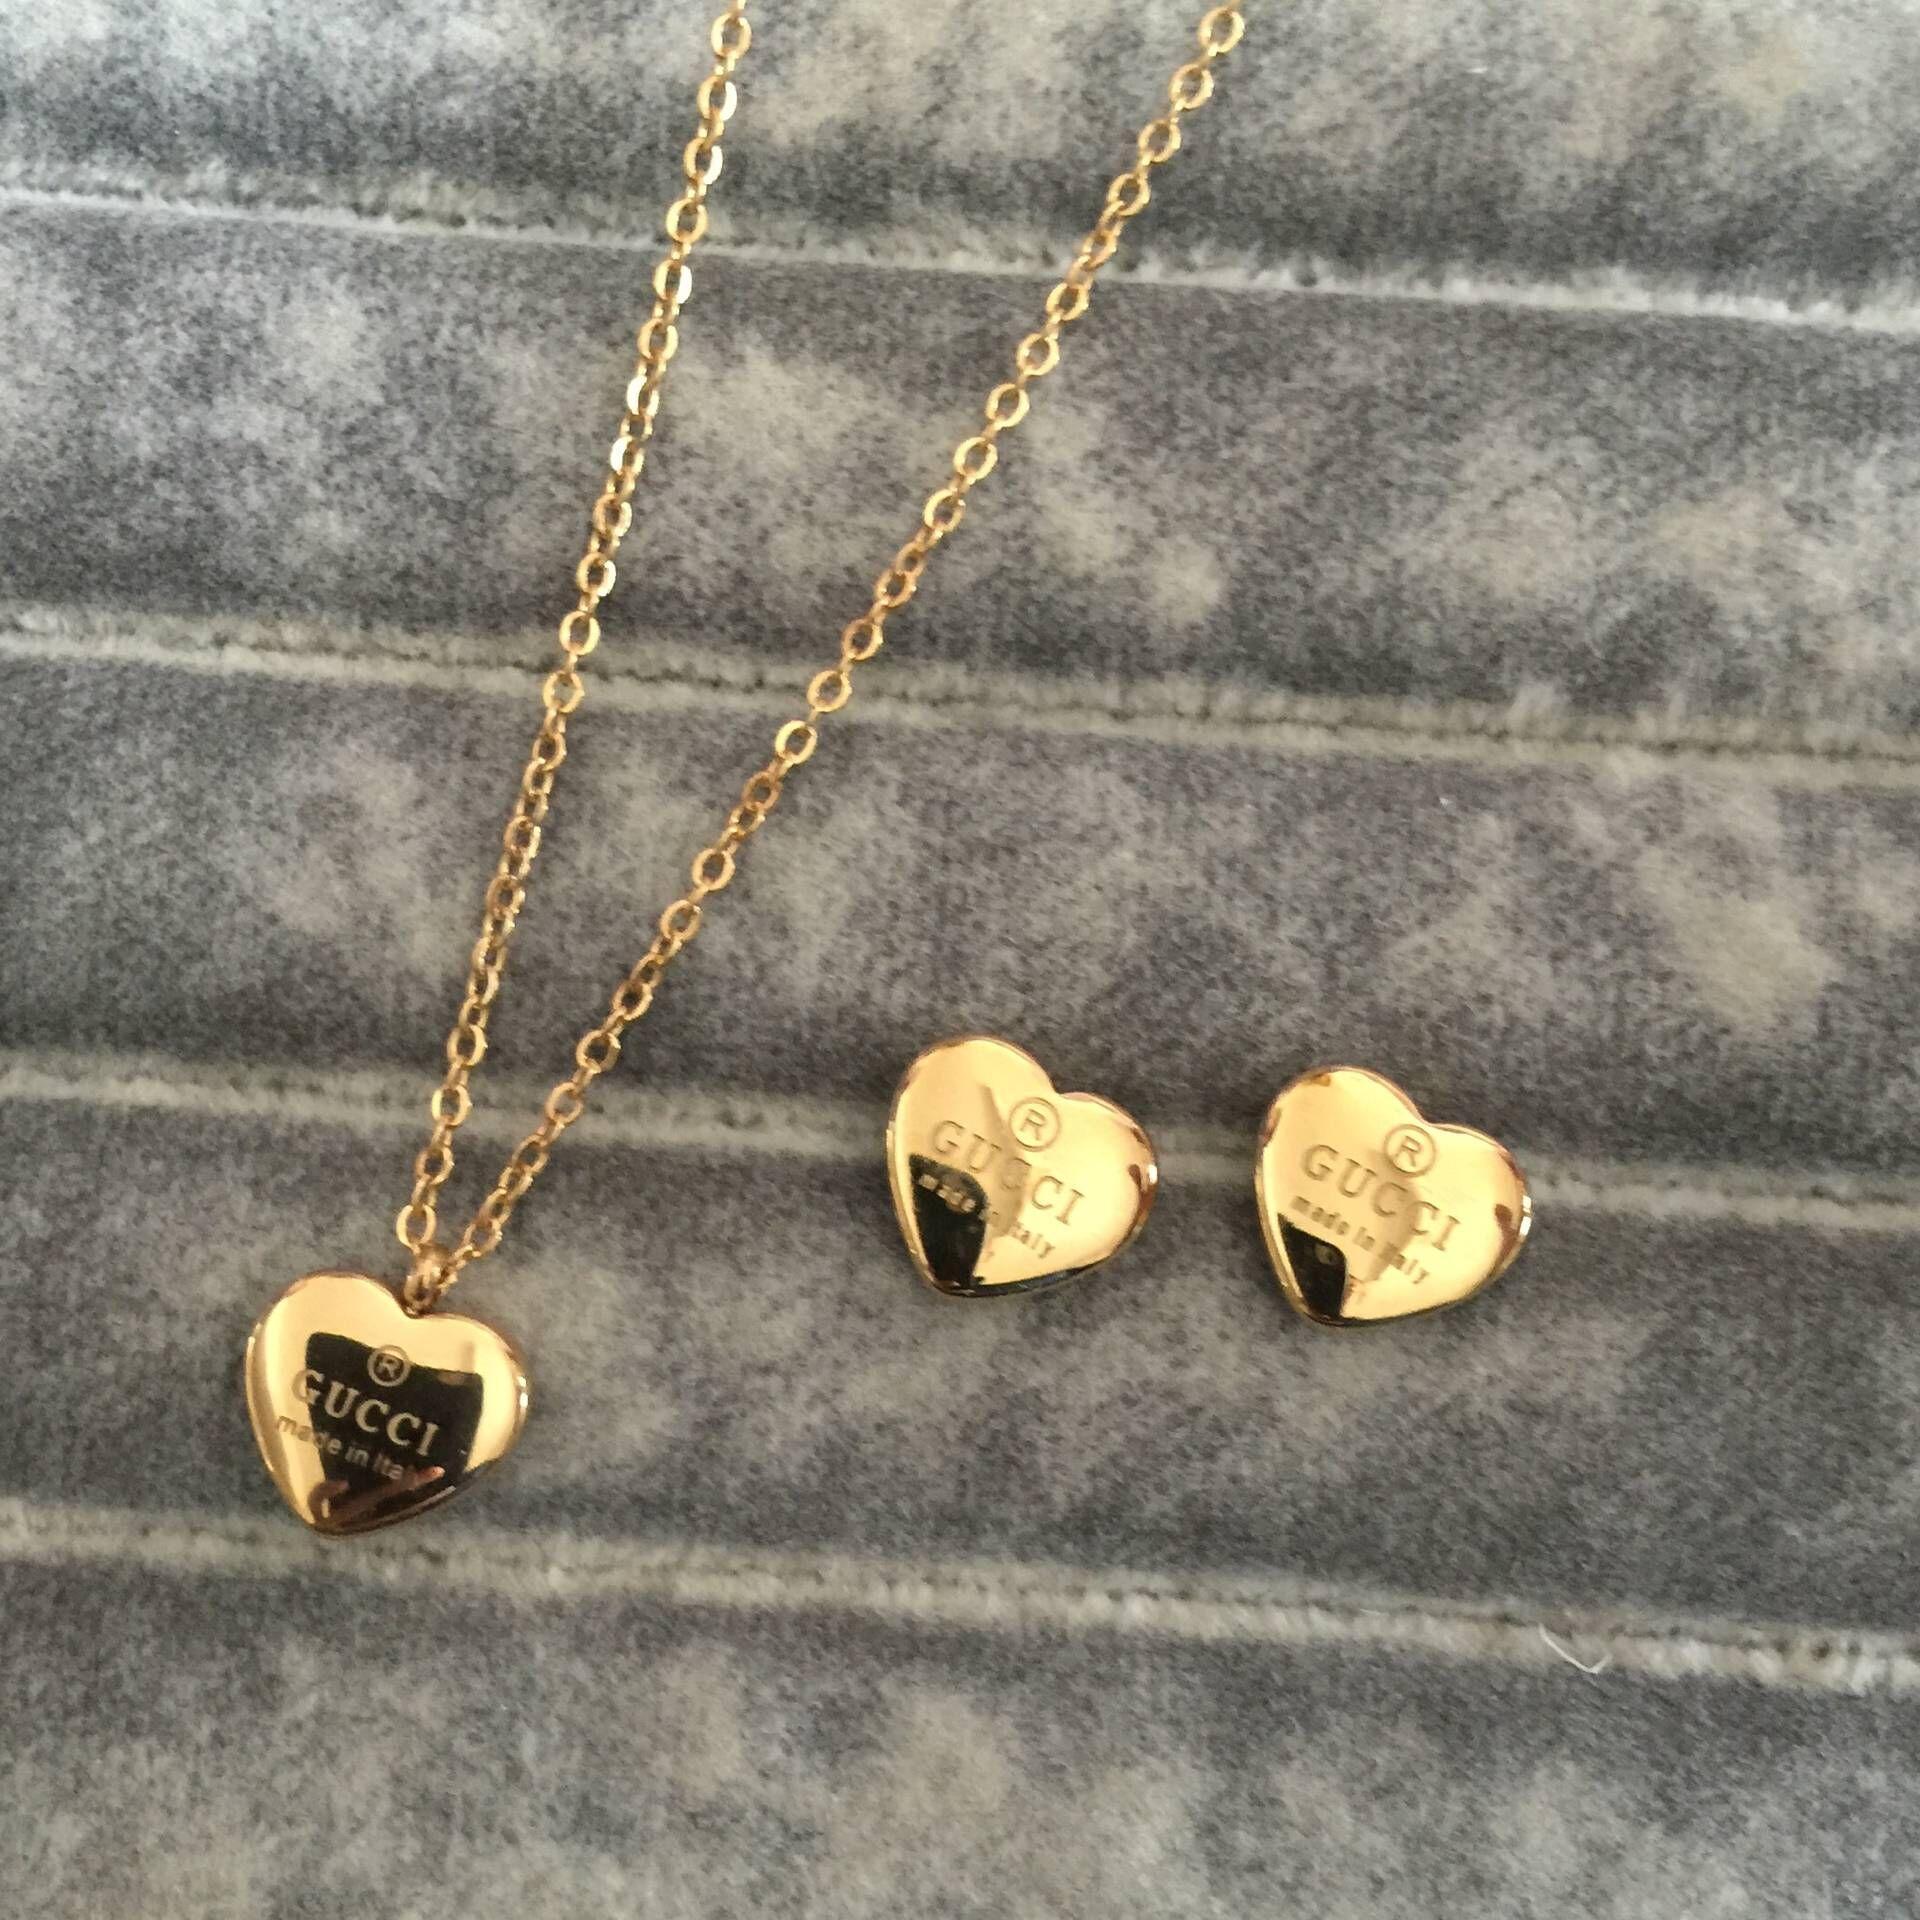 ارتفع الذهب 18K الفضة الفتيات المرأة إلكتروني القلب مجموعات زهرة الحب مجوهرات الأزياء قلادة حرف الأقراط قلادة الجملة هدية عيد الميلاد